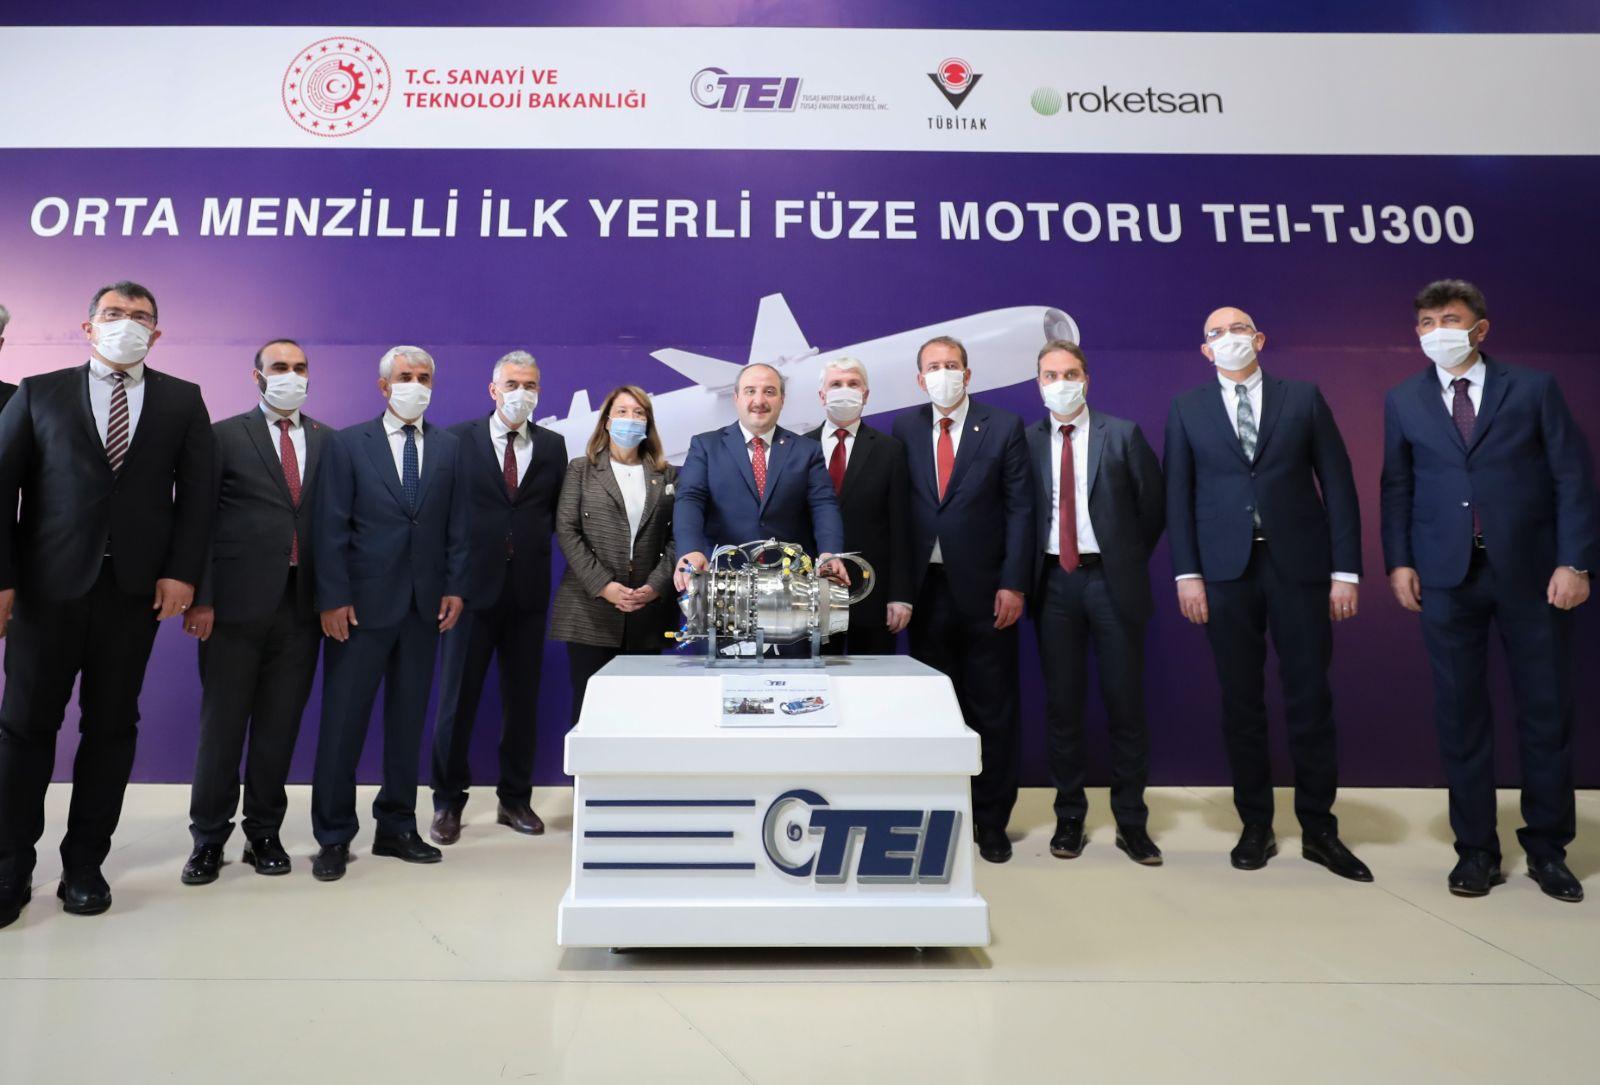 Türkiye'nin Orta Menzilli İlk Gemisavar Füze Motoru TEI-TJ300 test edildi.